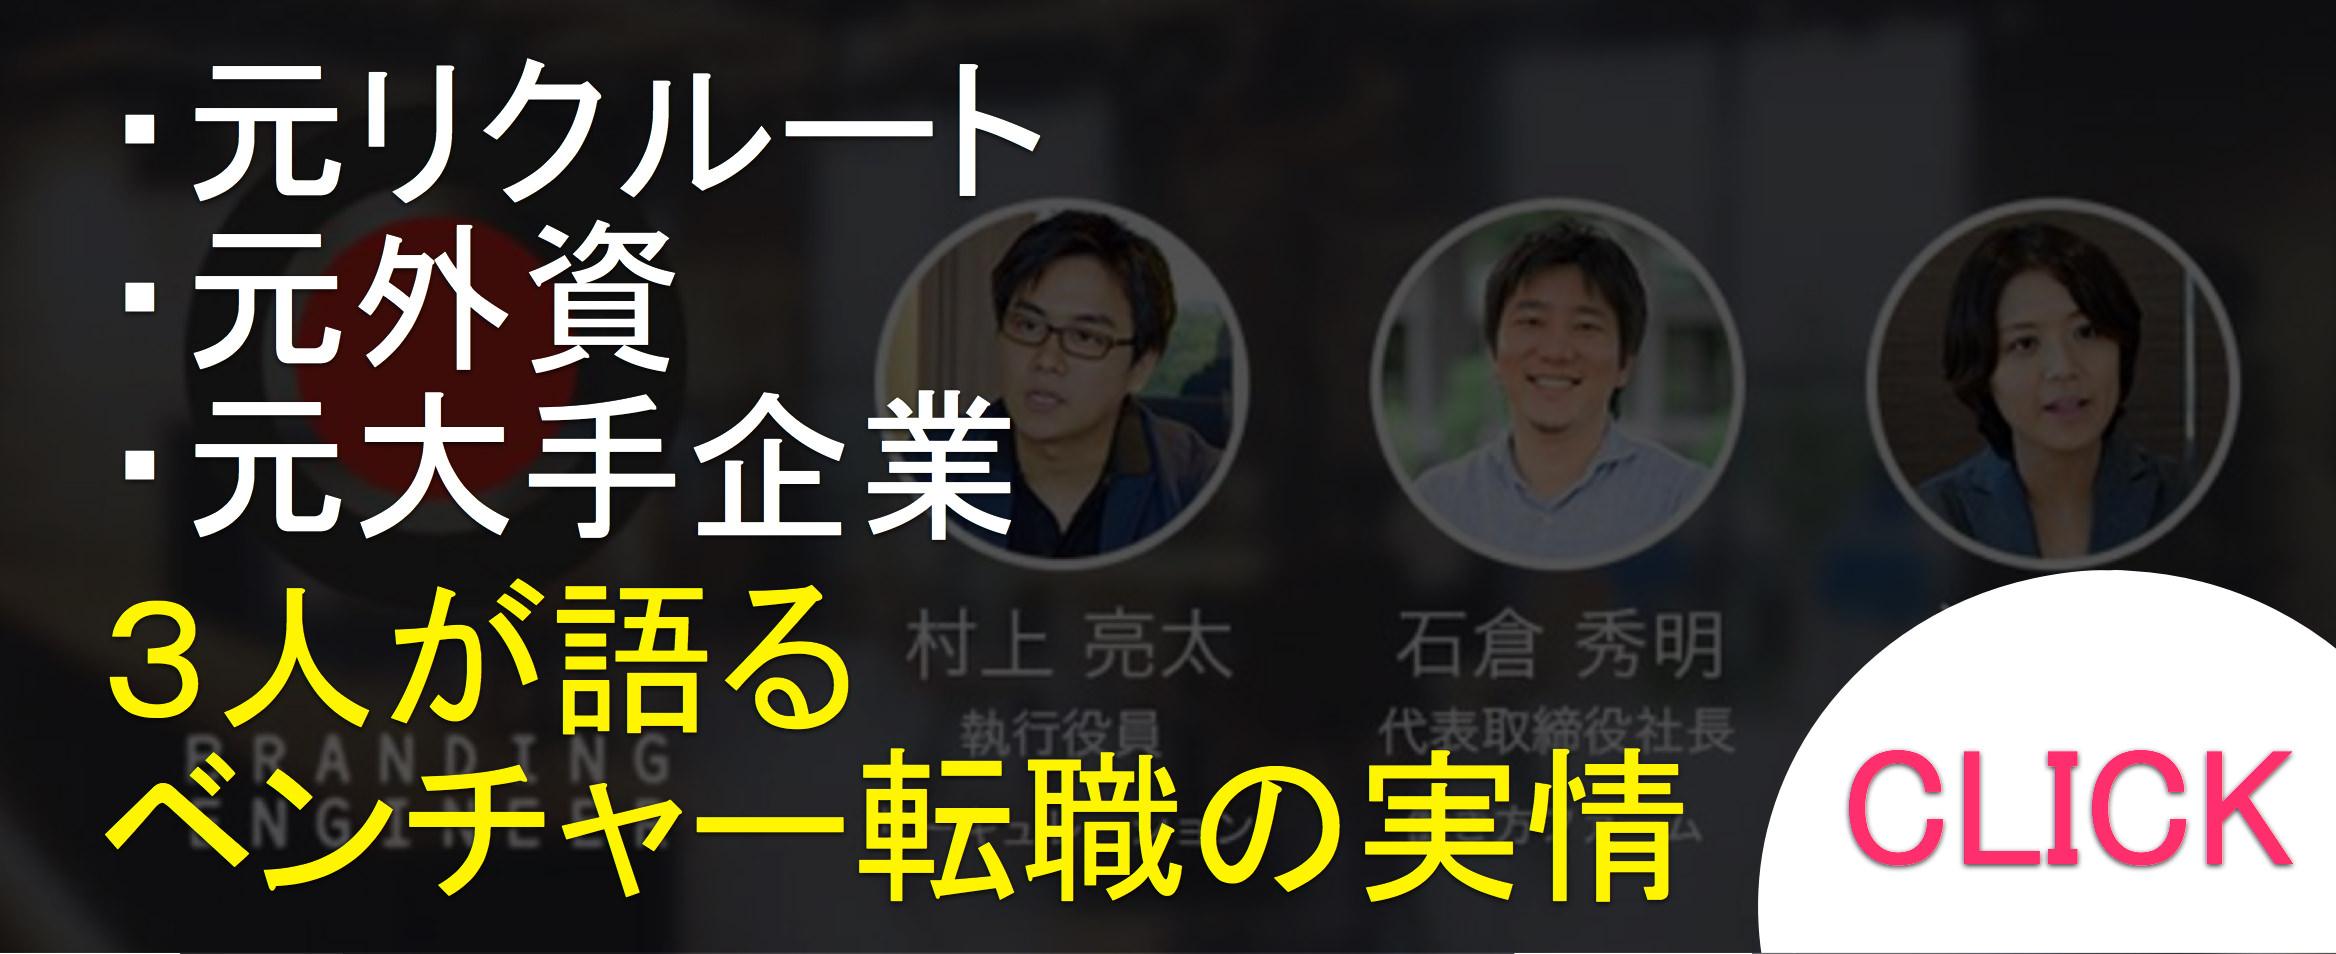 まるで日本版Slack⁉︎チーム開発にフォーカスしたチャットサービス「Idobata」のサムネイル画像